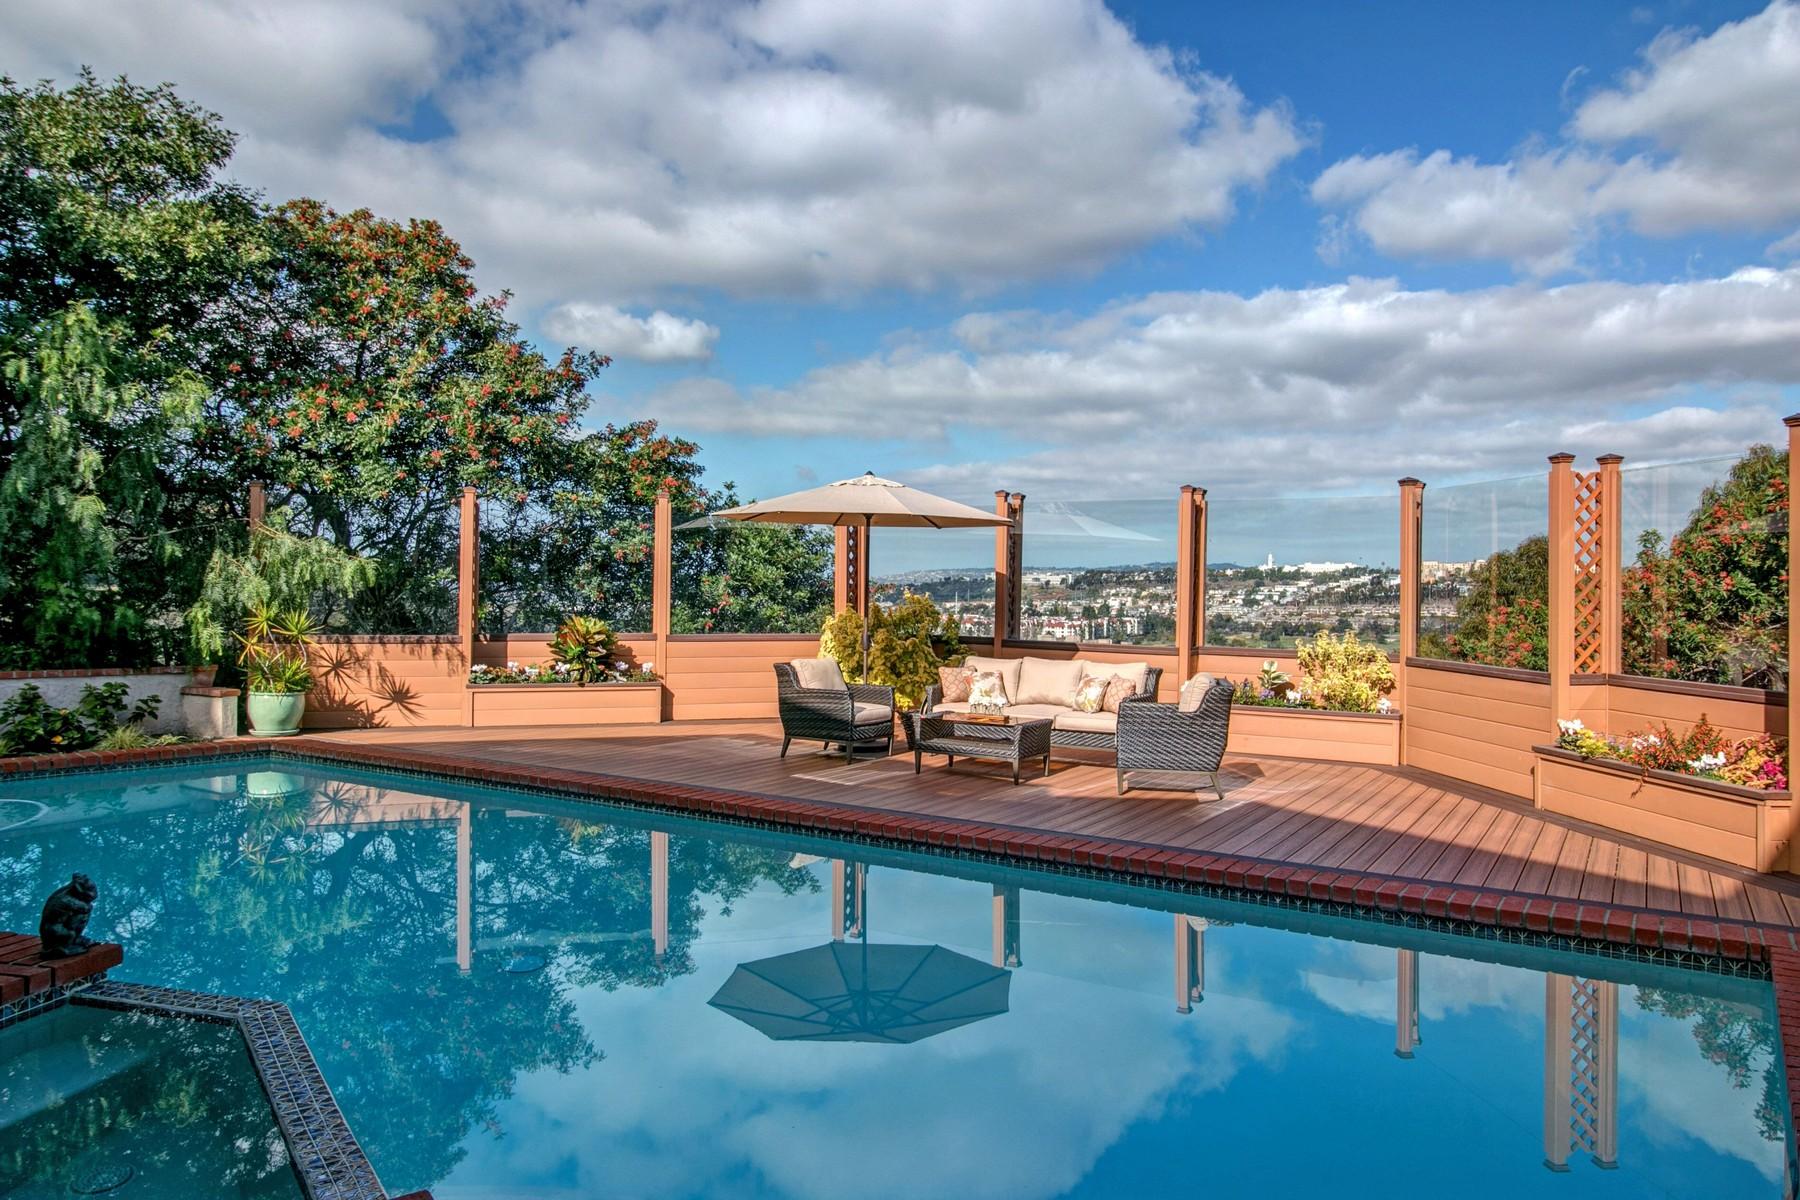 단독 가정 주택 용 매매 에 4460 Teralta Place Mission Hills, San Diego, 캘리포니아, 92103 미국